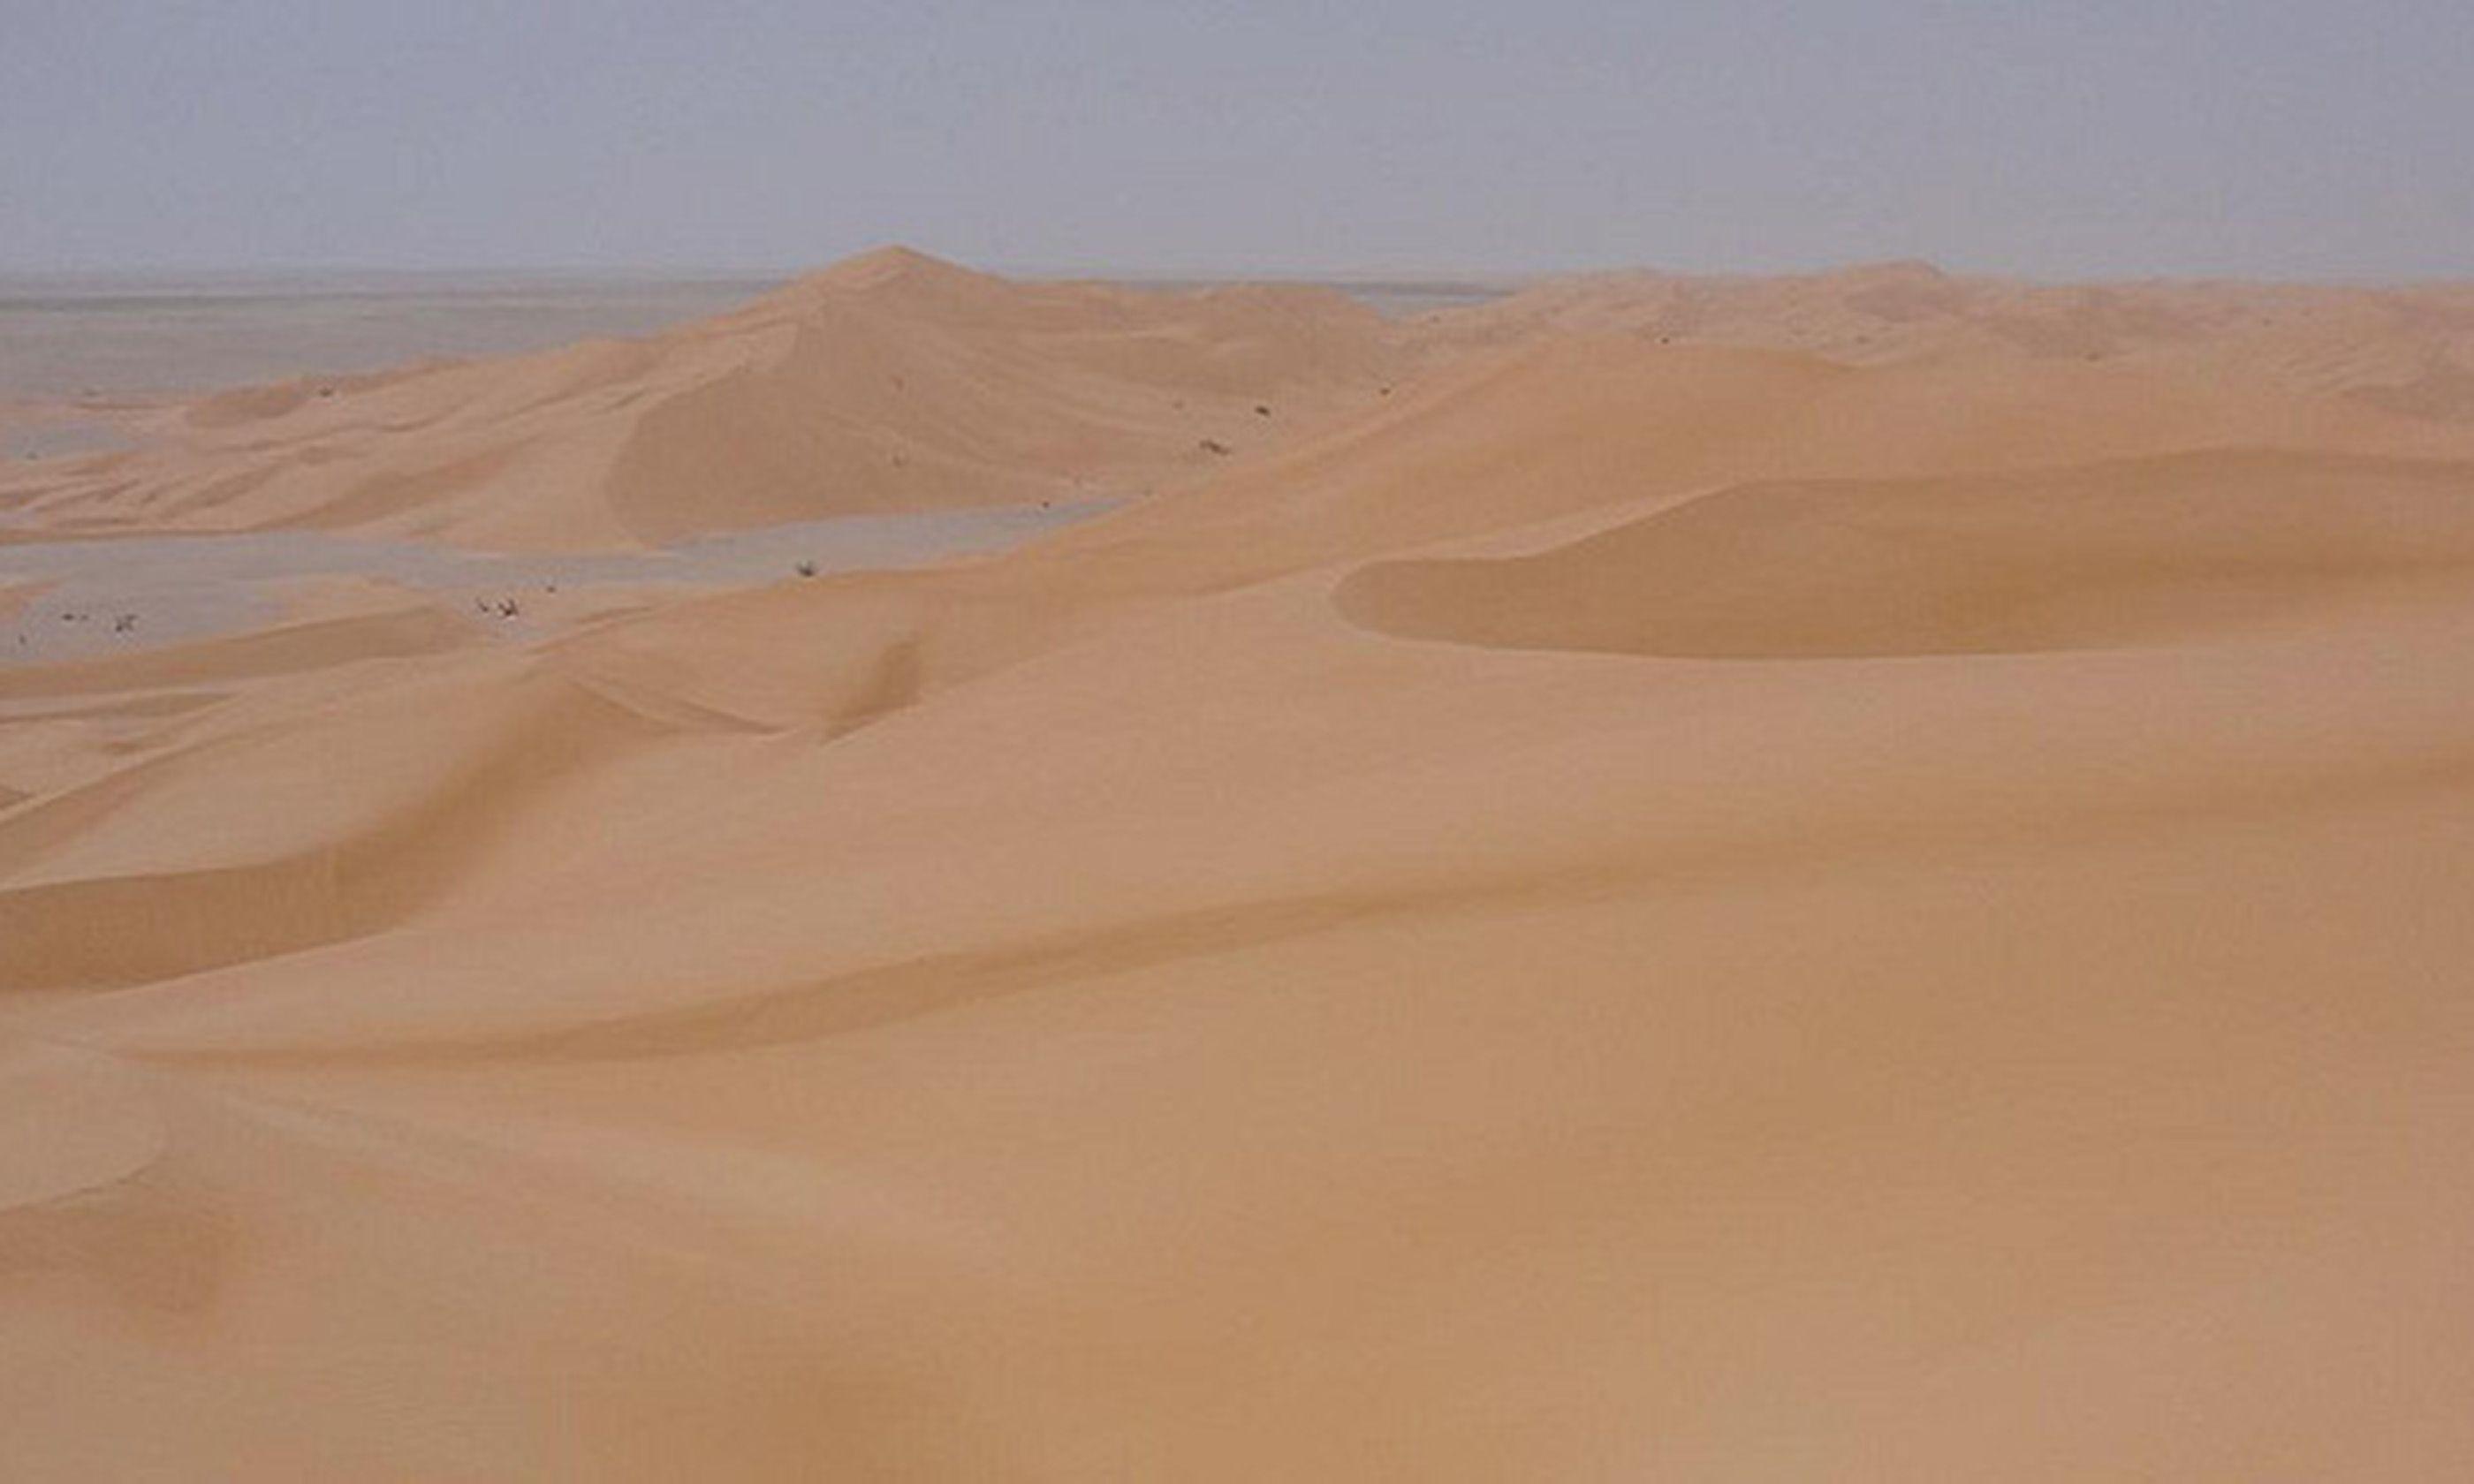 Armlet sand dunes